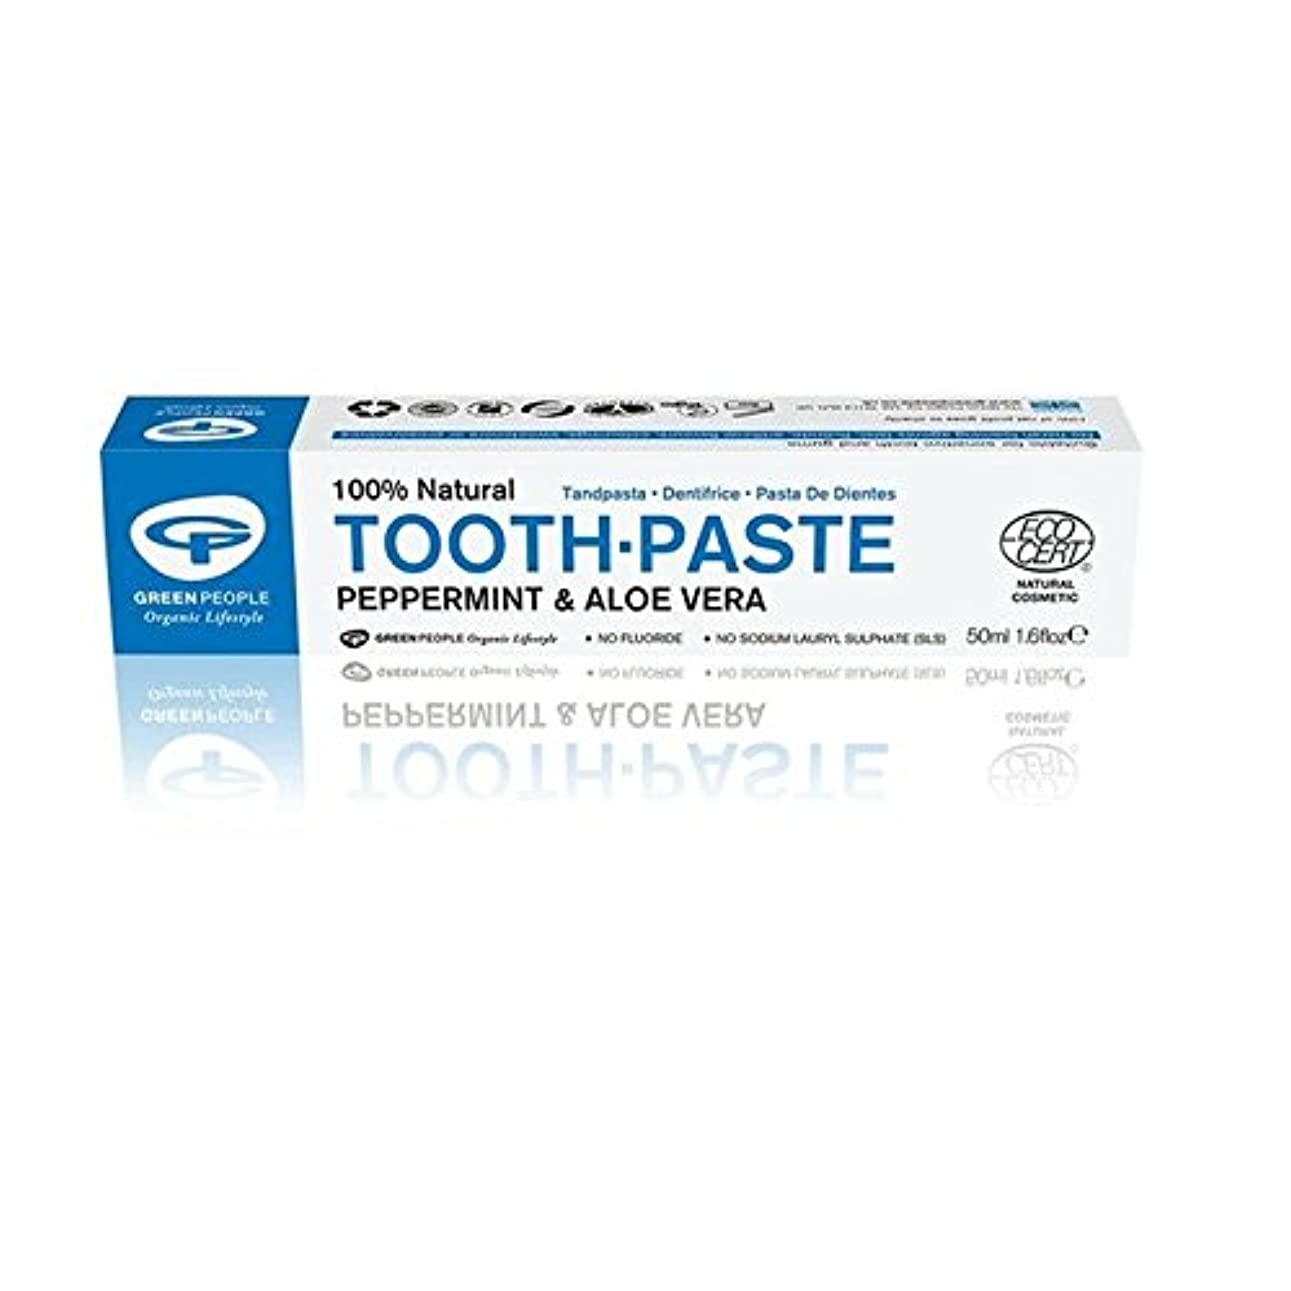 良さ月曜肩をすくめる緑の人々の自然ミント歯磨き粉50ミリリットル x2 - Green People Natural Mint Toothpaste 50ml (Pack of 2) [並行輸入品]